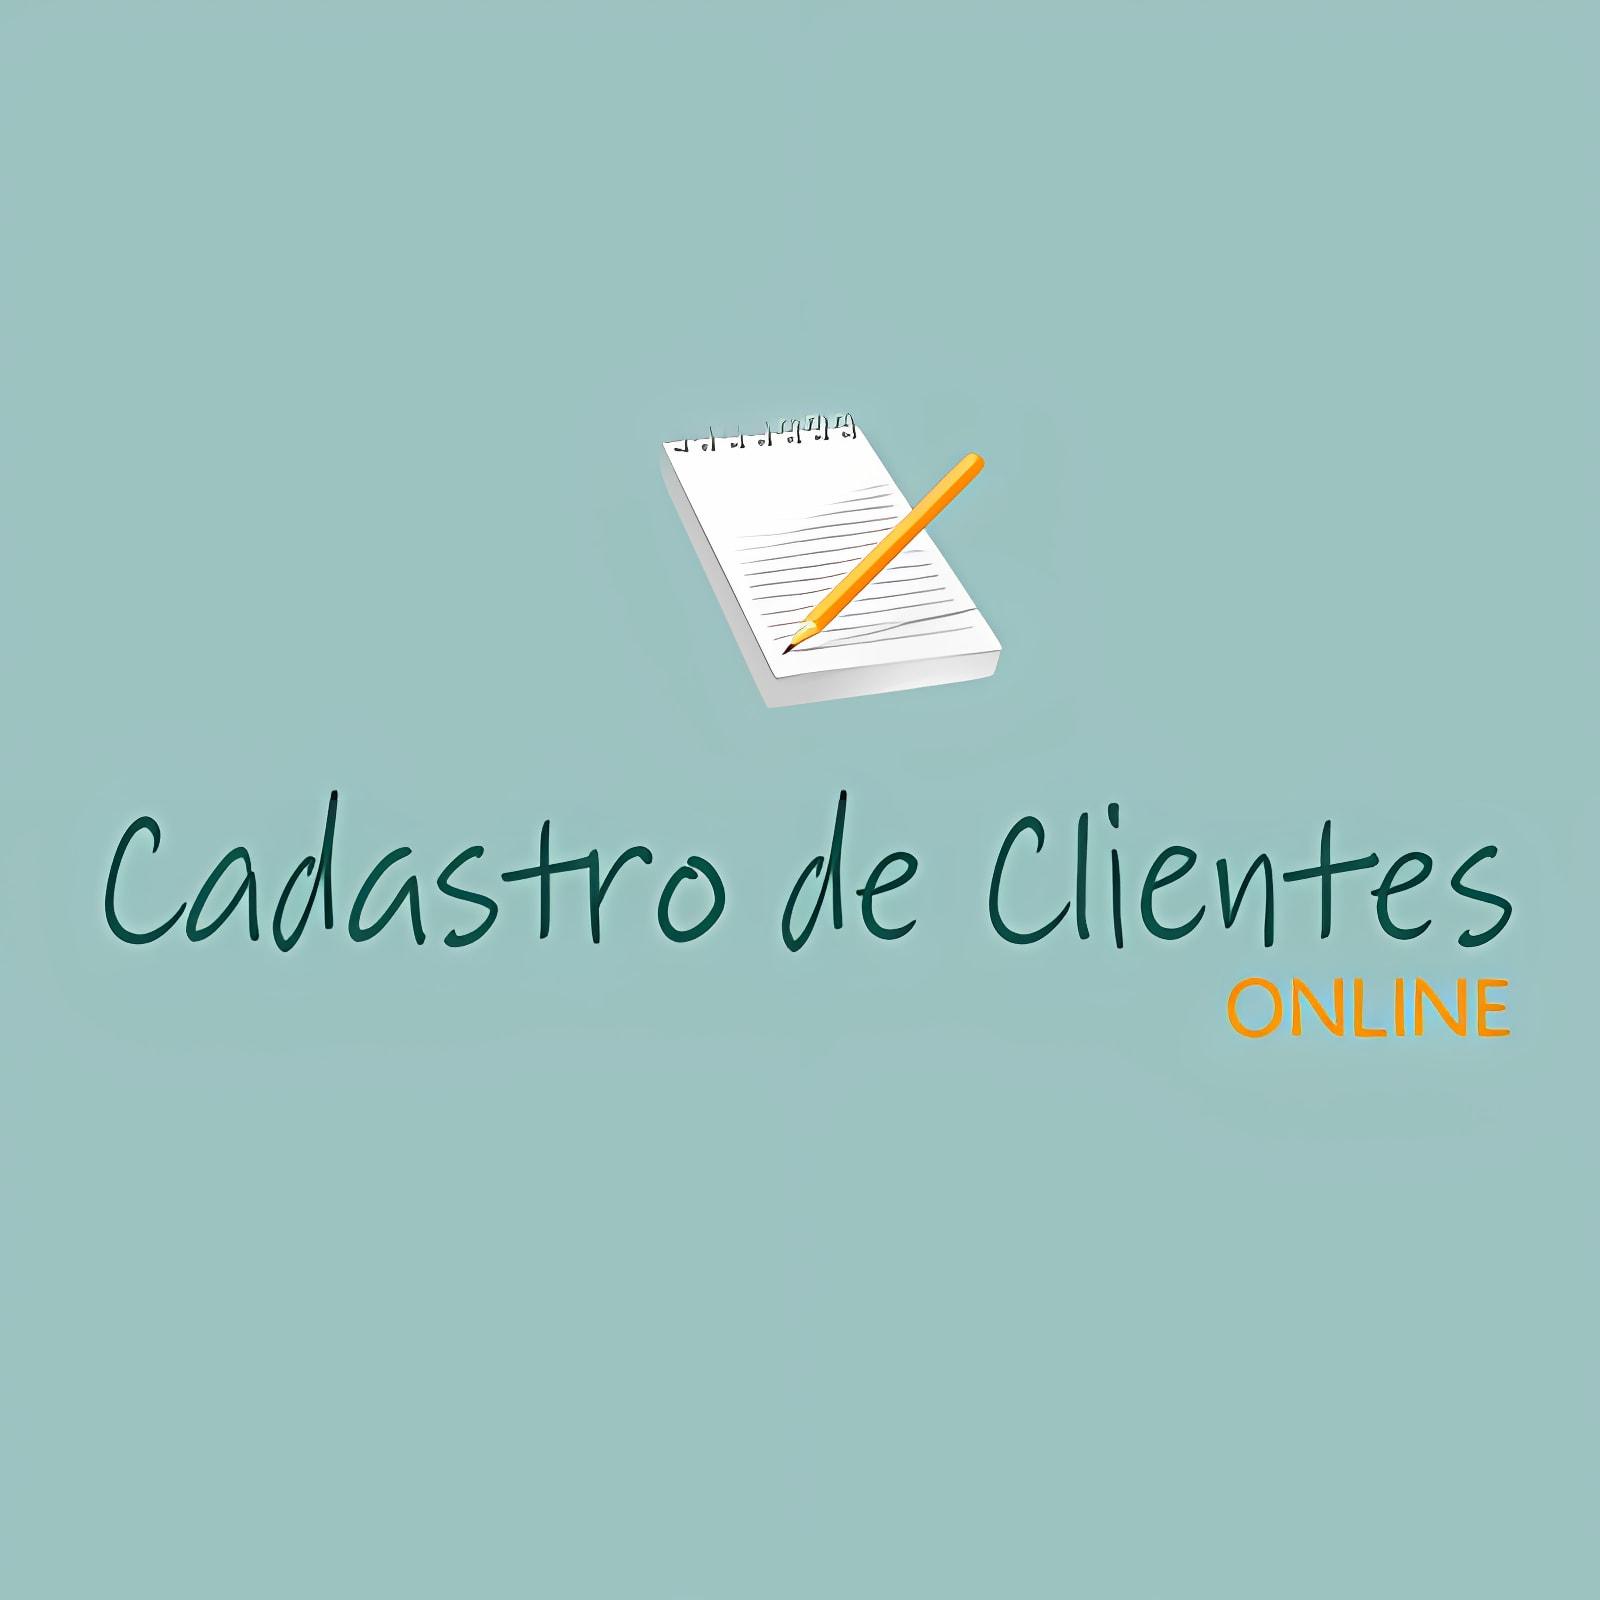 Cadastro de Clientes Online